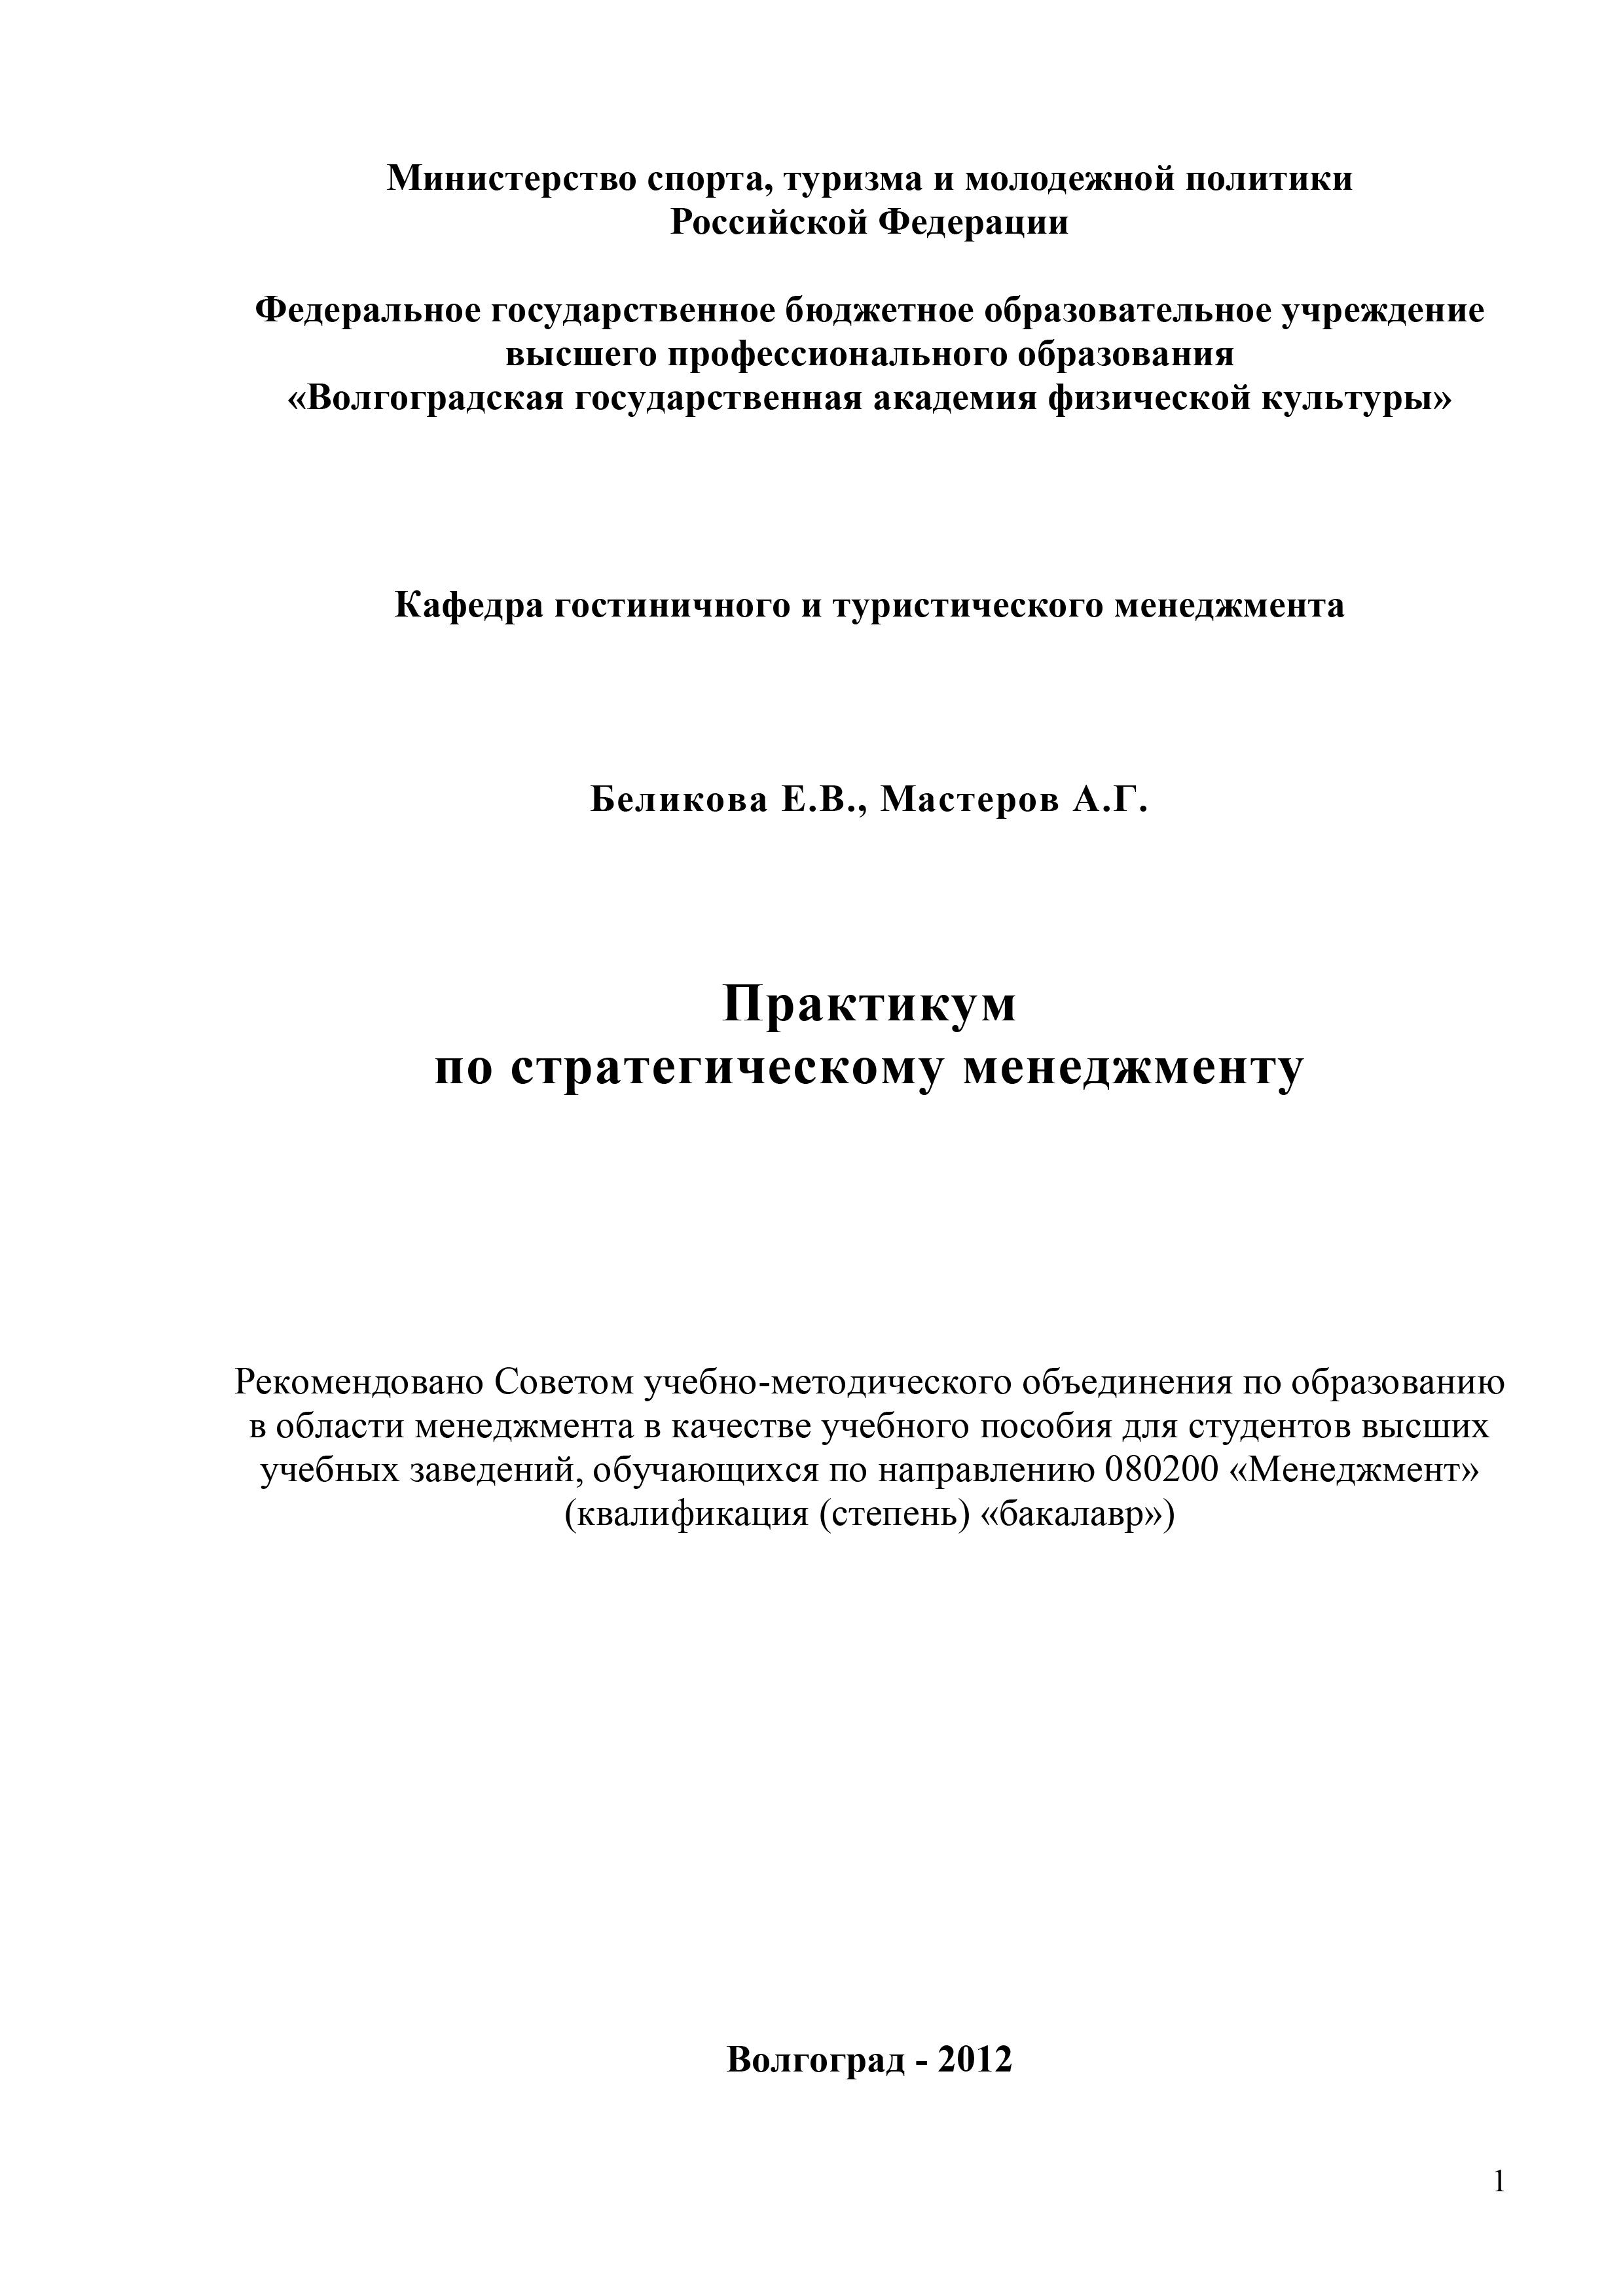 Е. В. Беликова Практикум по стратегическому менеджменту цена